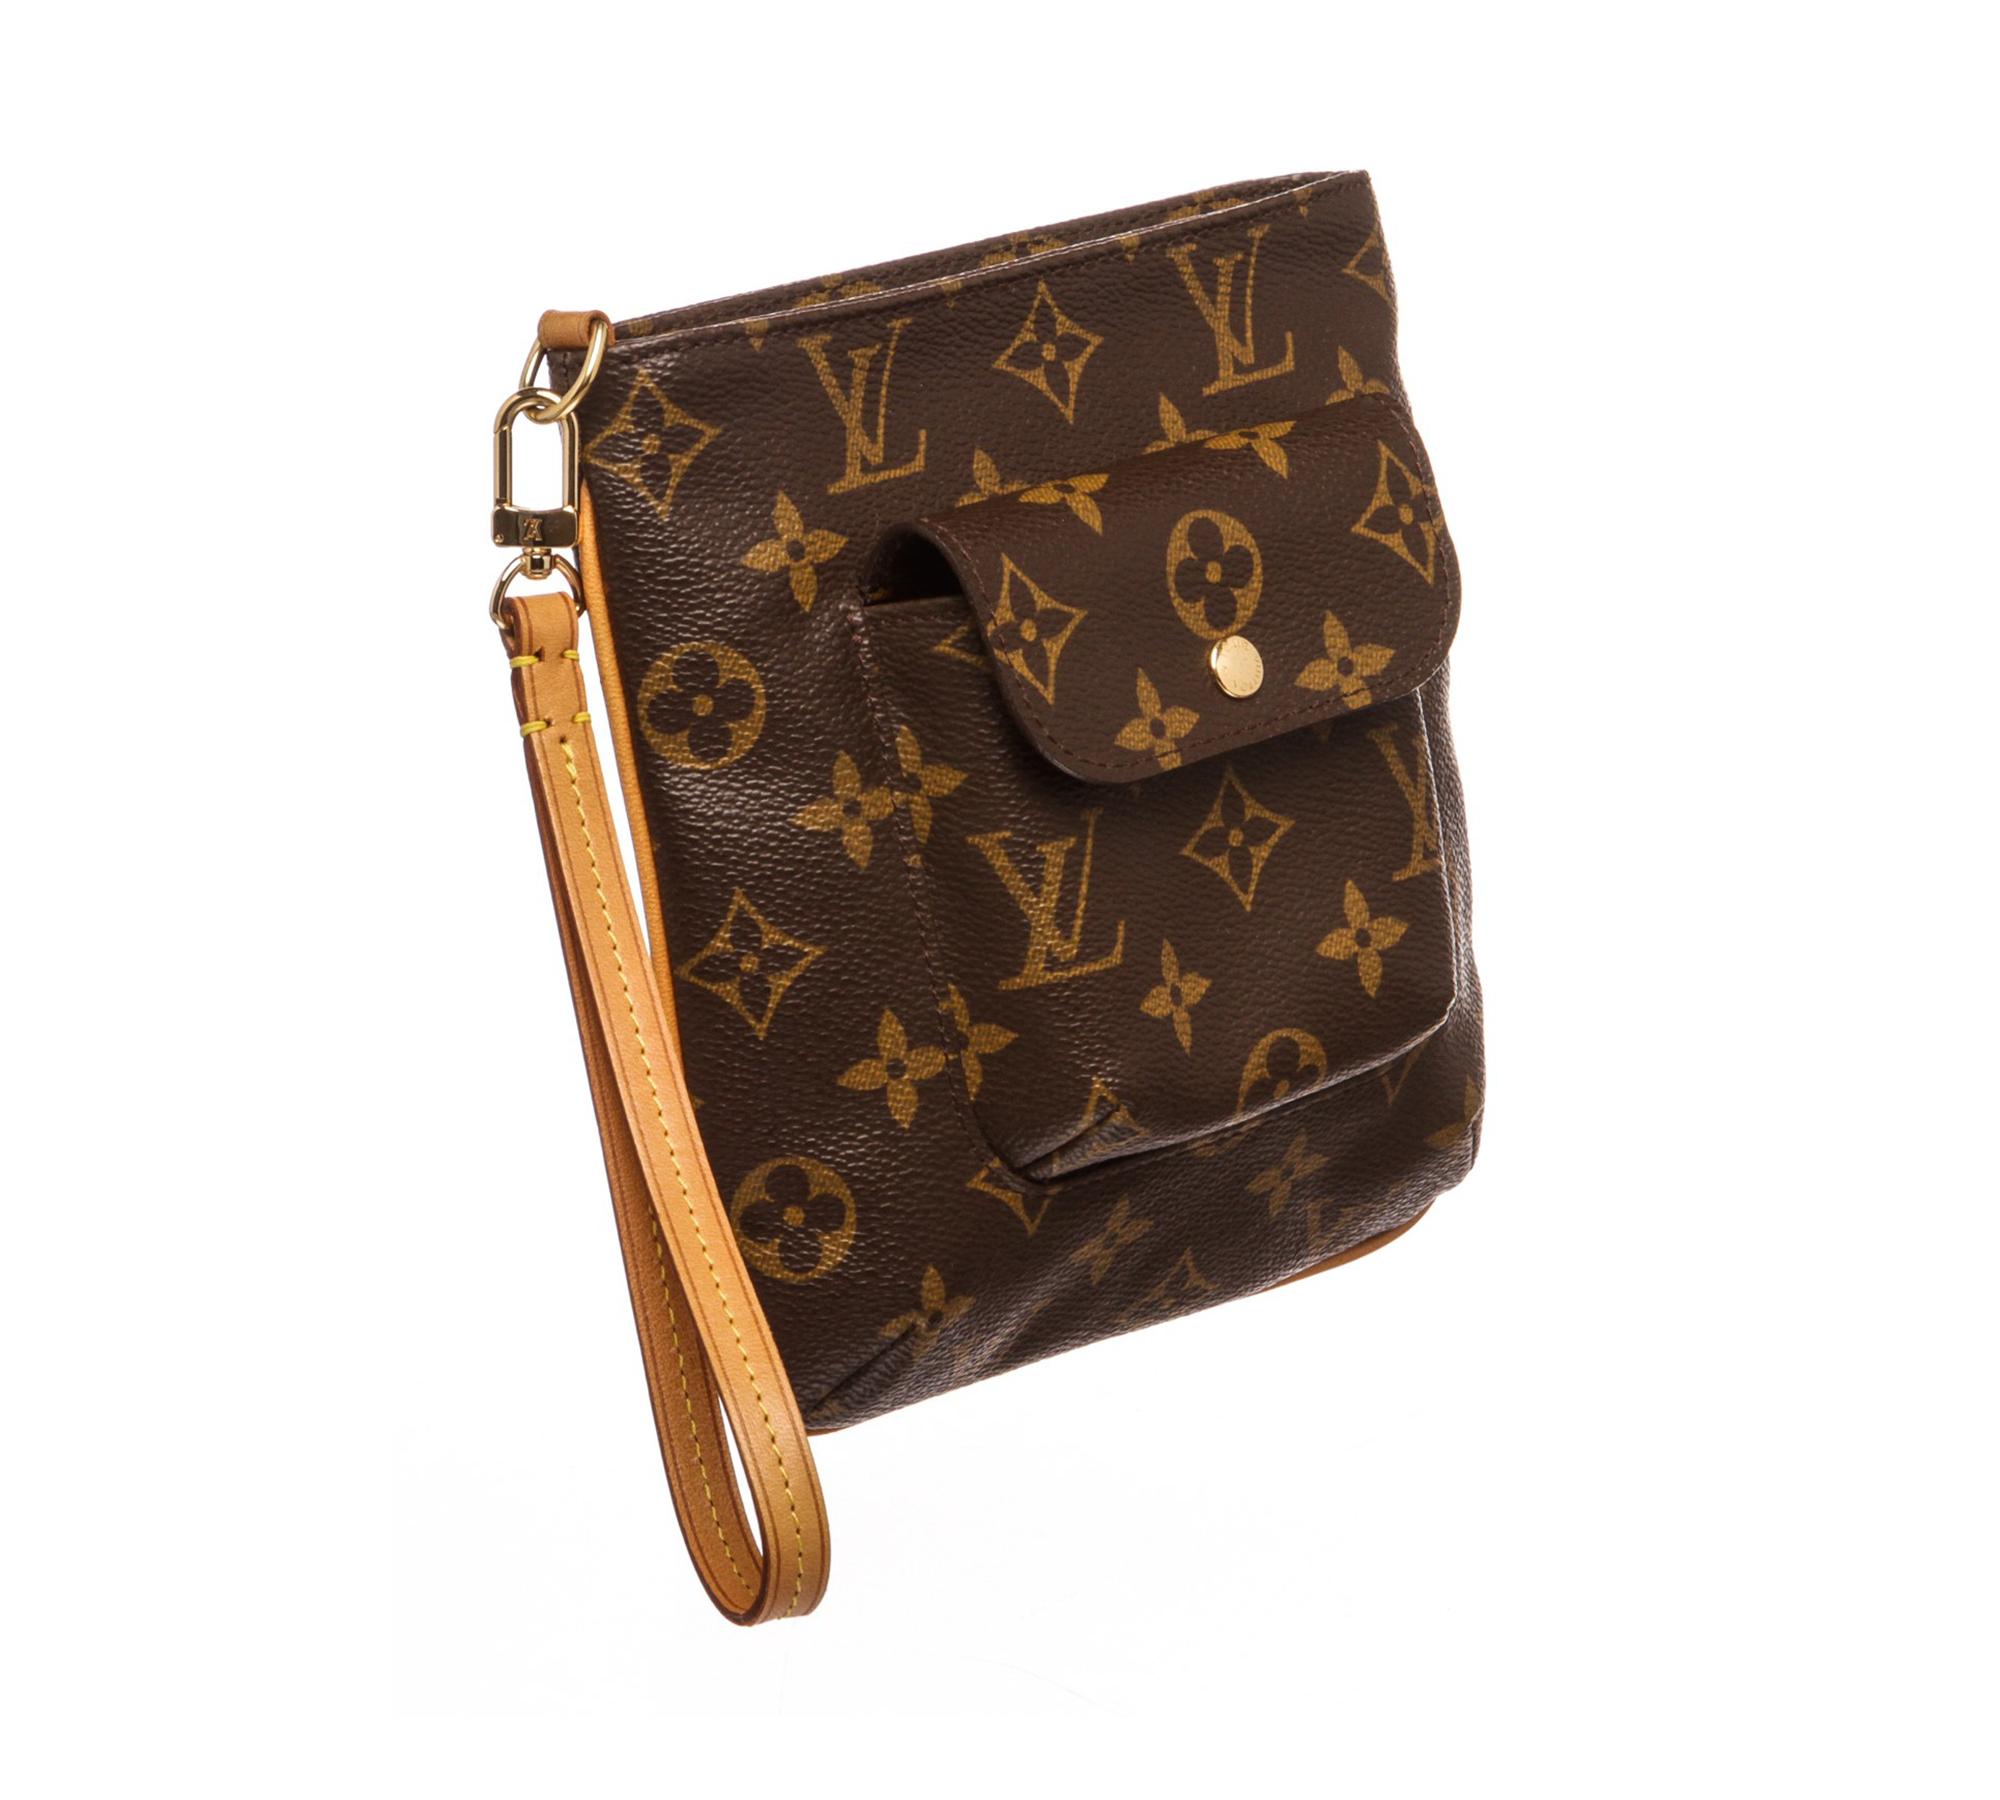 132f1bbd2b6a Shop for Louis Vuitton Monogram Canvas Leather Partition Wristlet ...